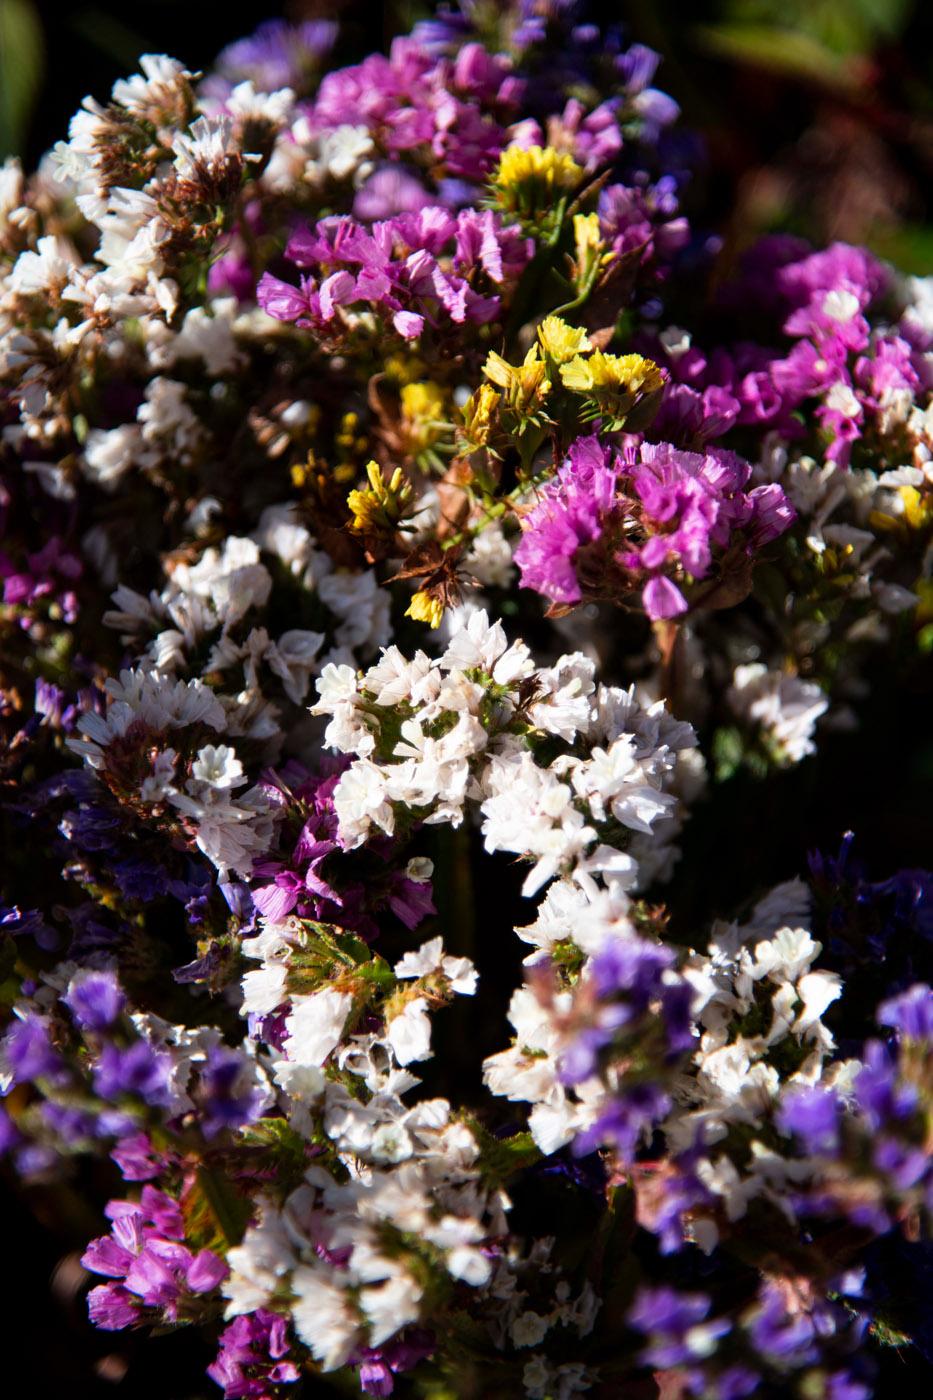 Fleurs (Flowers) 26